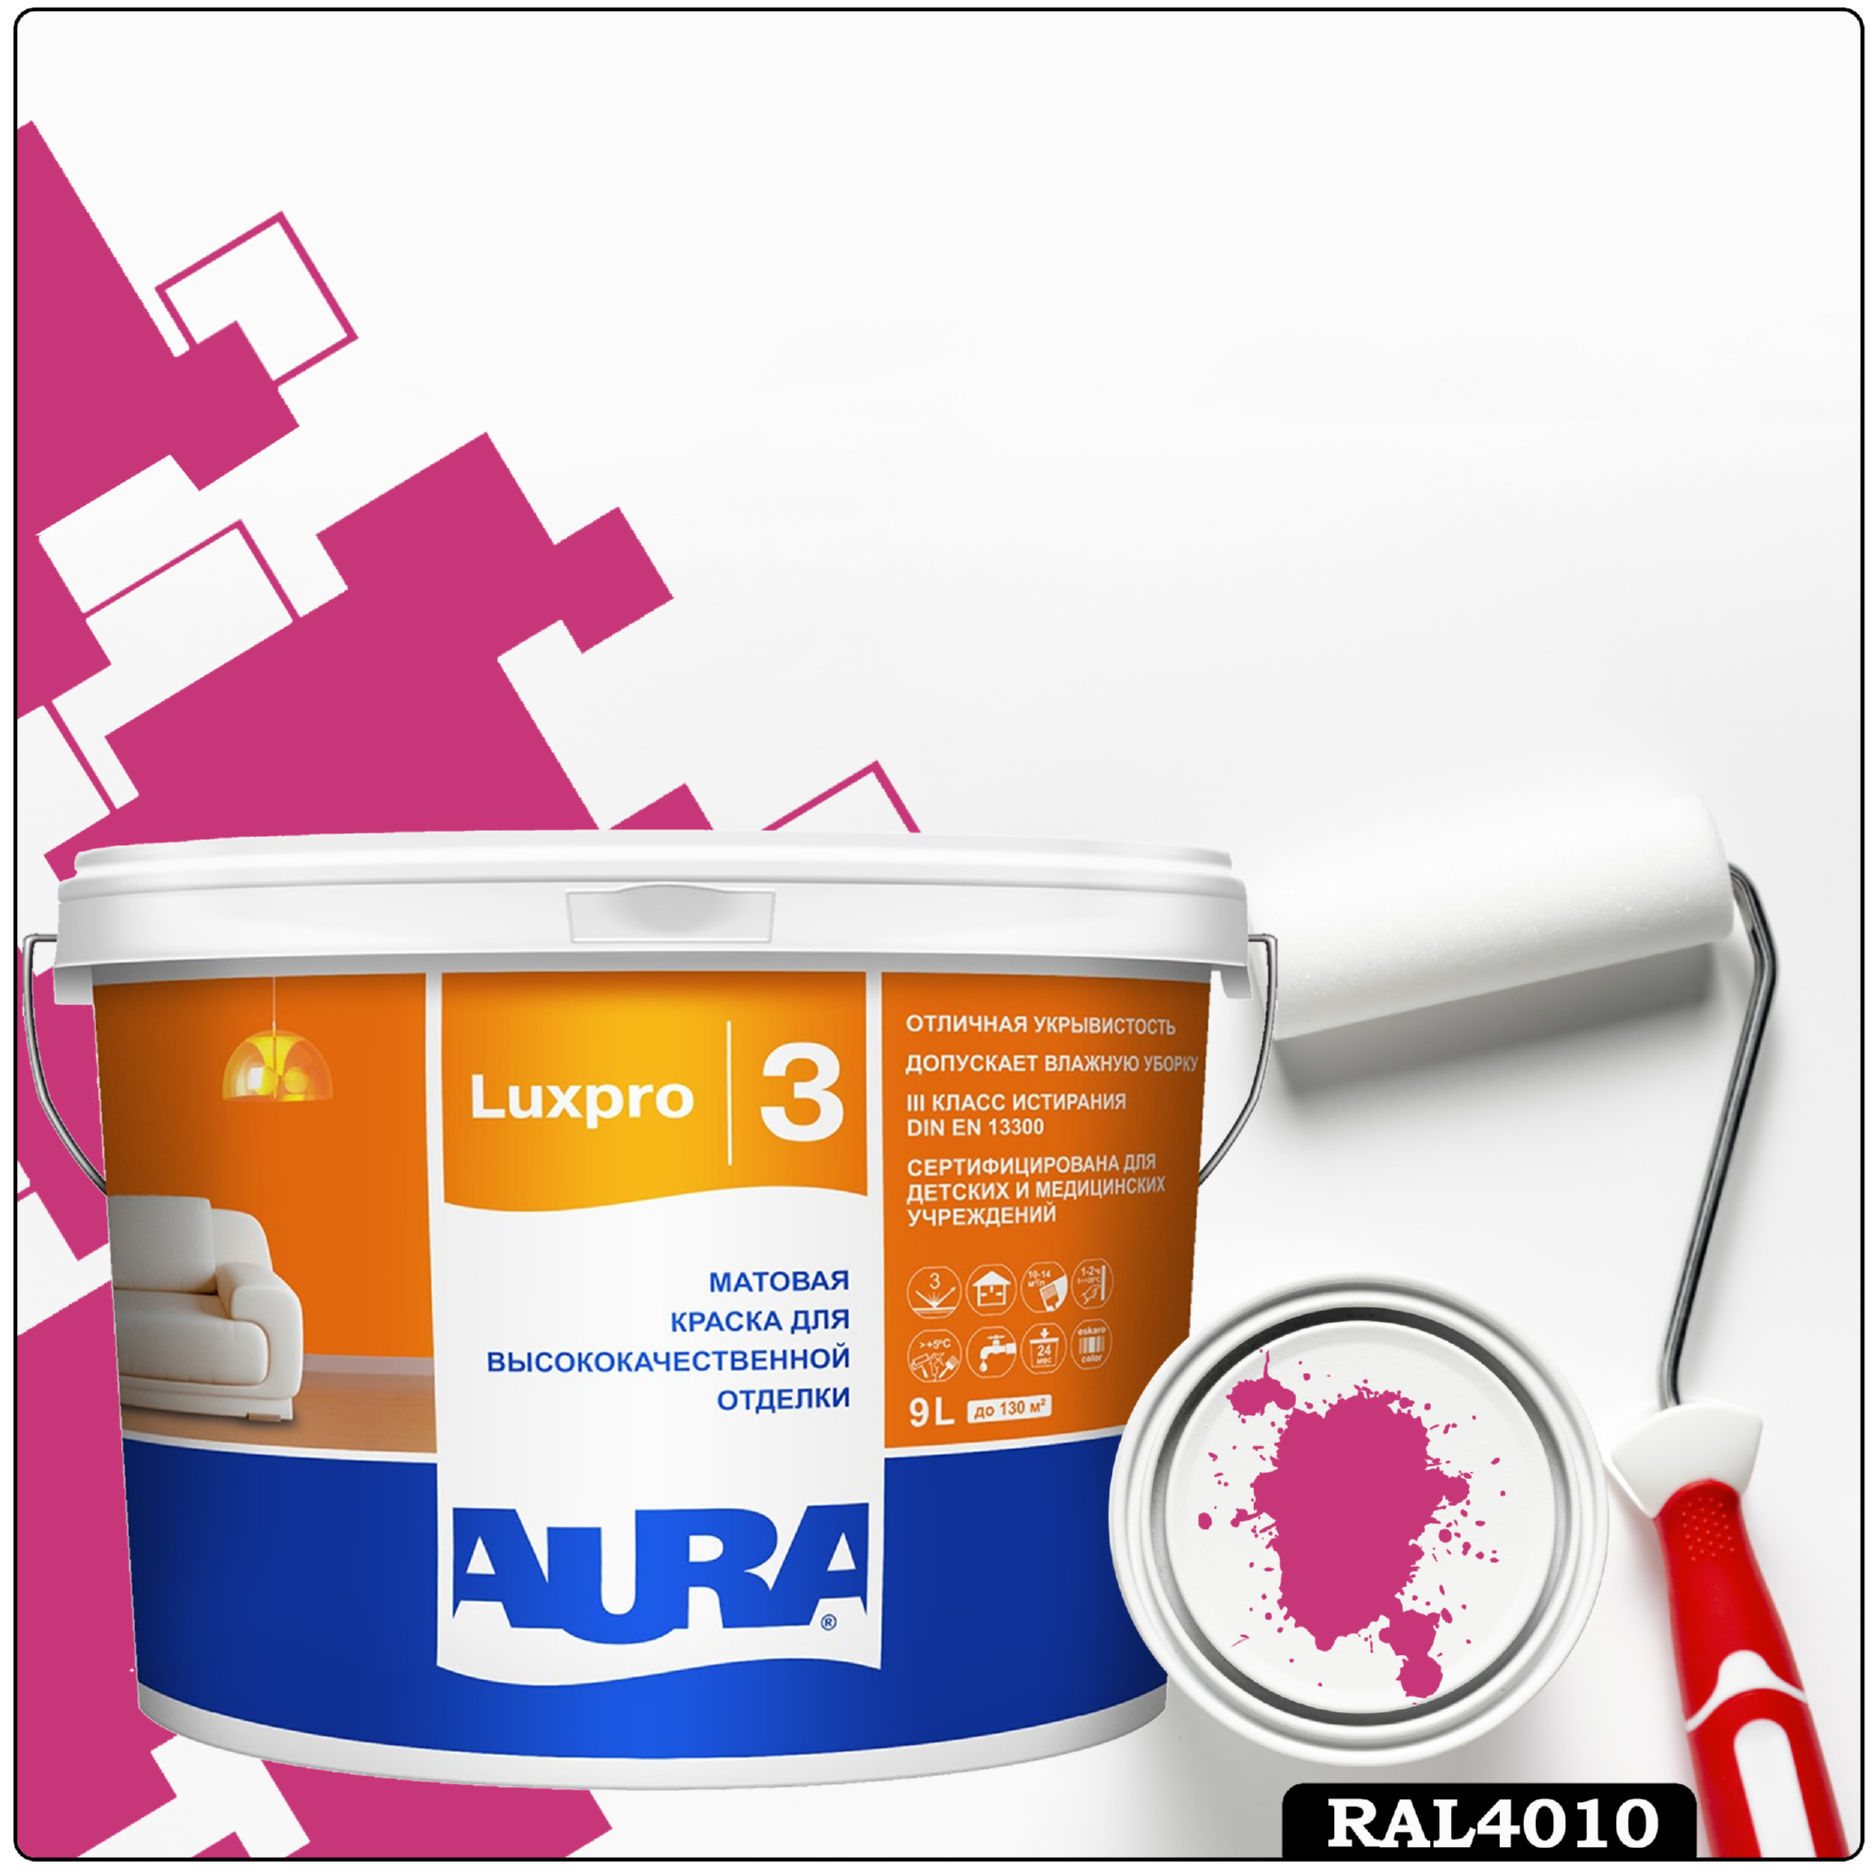 Фото 2 - Краска Aura LuxPRO 3, RAL 4010 Телемагента, латексная, шелково-матовая, интерьерная, 9л, Аура.